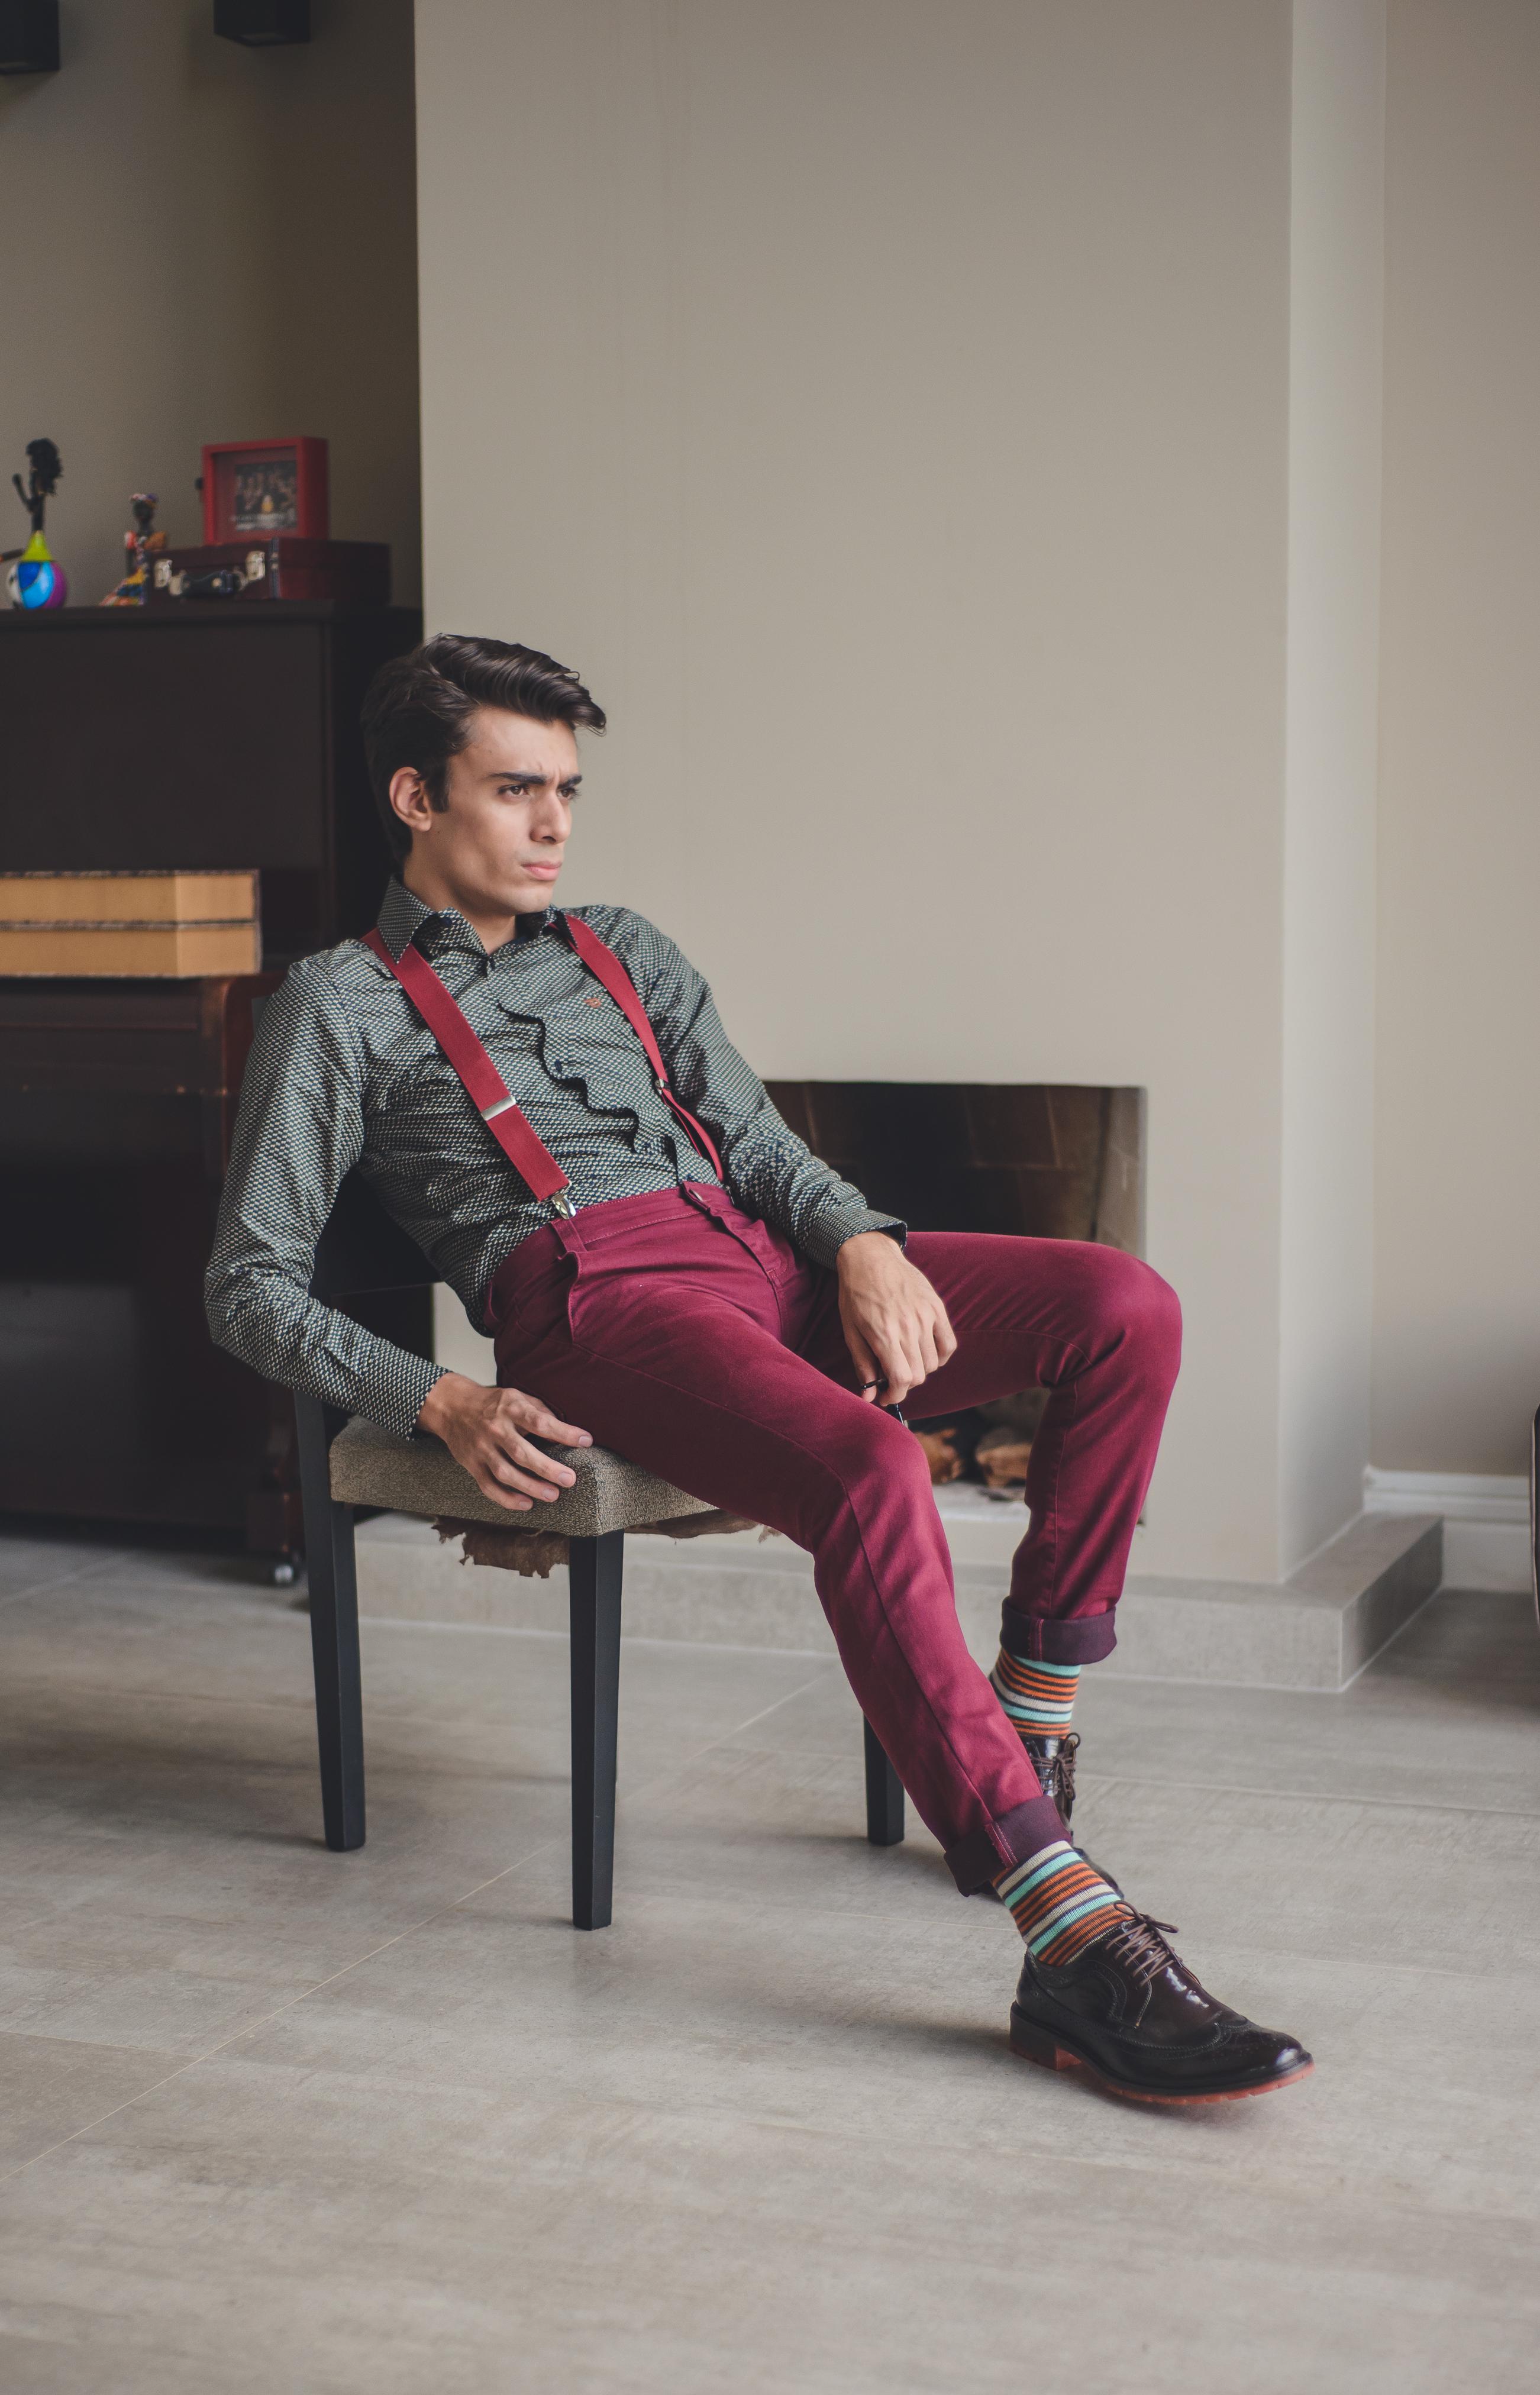 alex-cursino-youtuber-blogger-fashion-blogger-ootd-moda-classica-suspensorio-masculino-como-usar-suspensorio-rafaella-santiago-matheus-komatsu-editorial-de-moda-menswear-dicas-de-moda-9